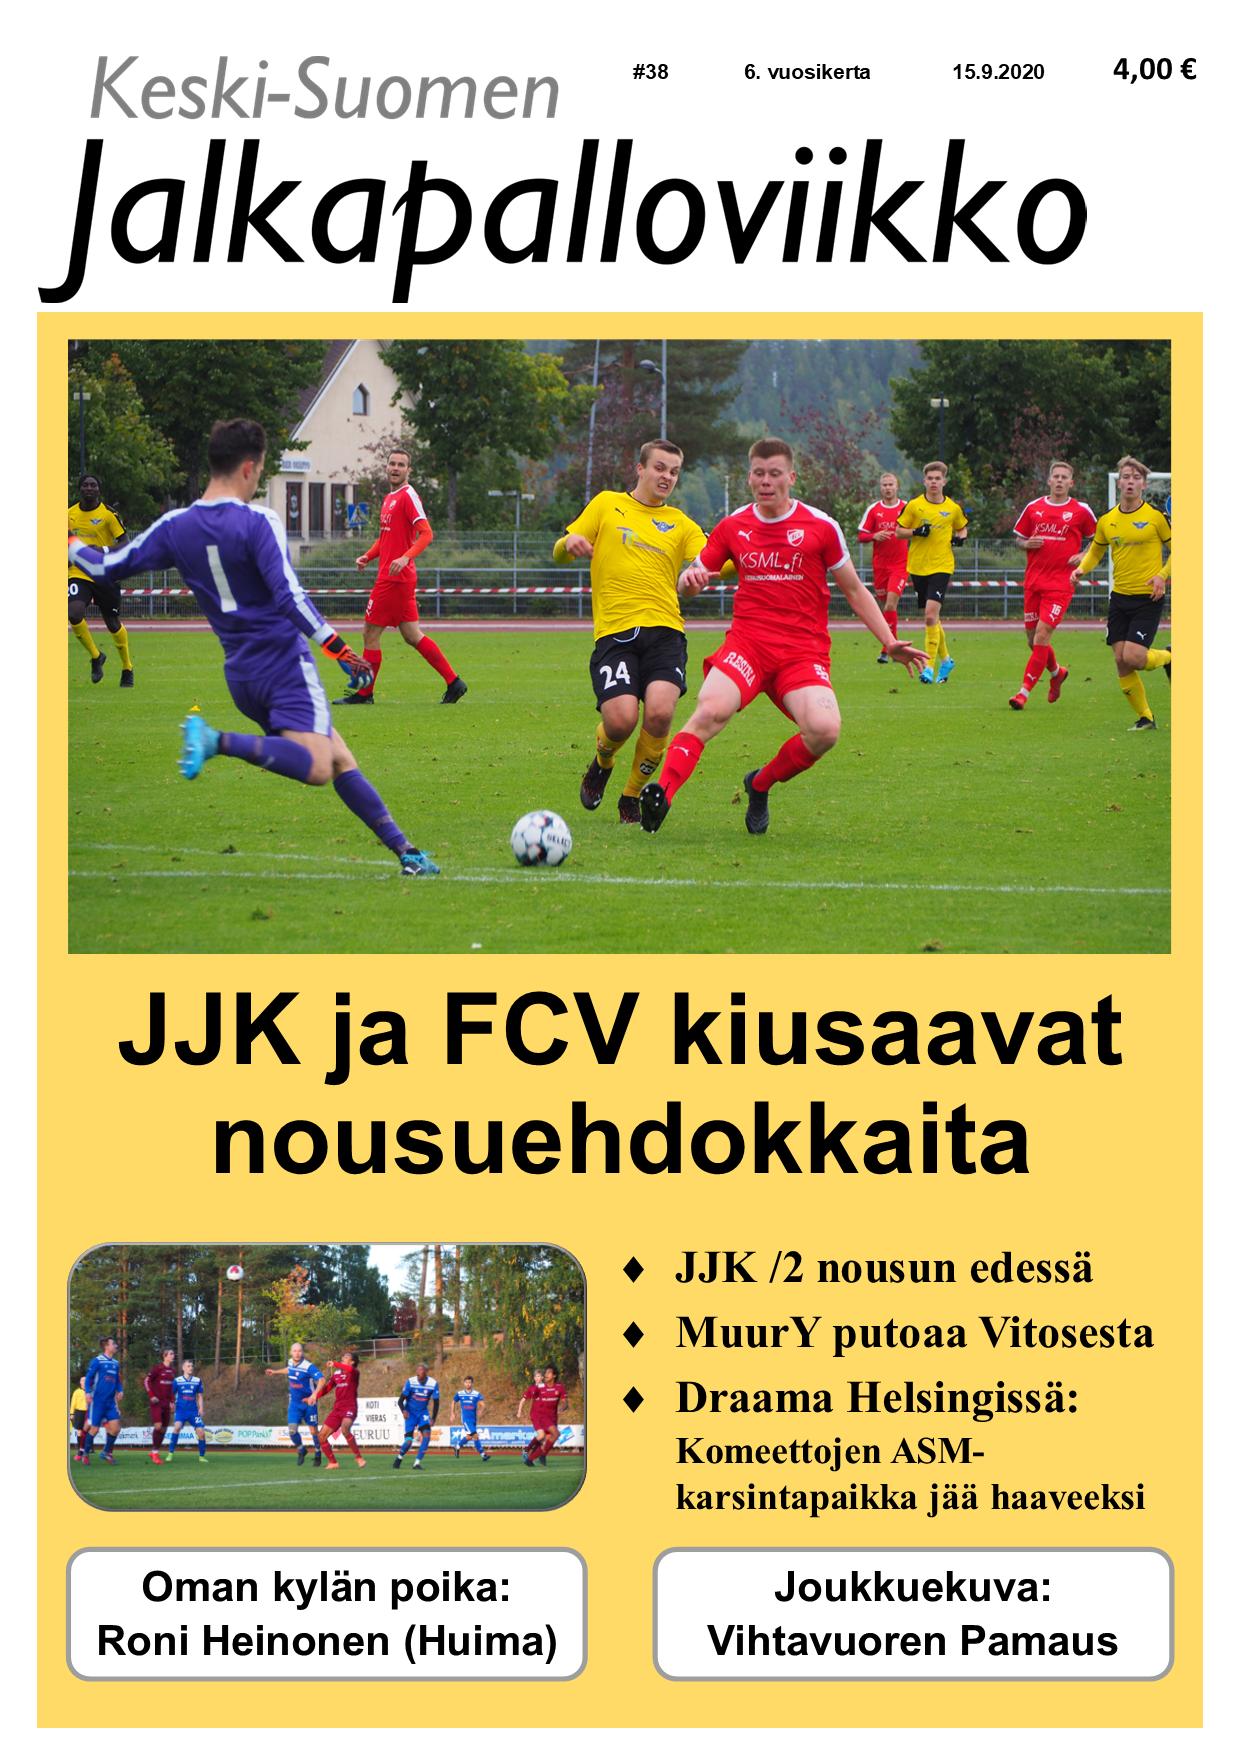 K-S Jalkapalloviikko, arkistokappale